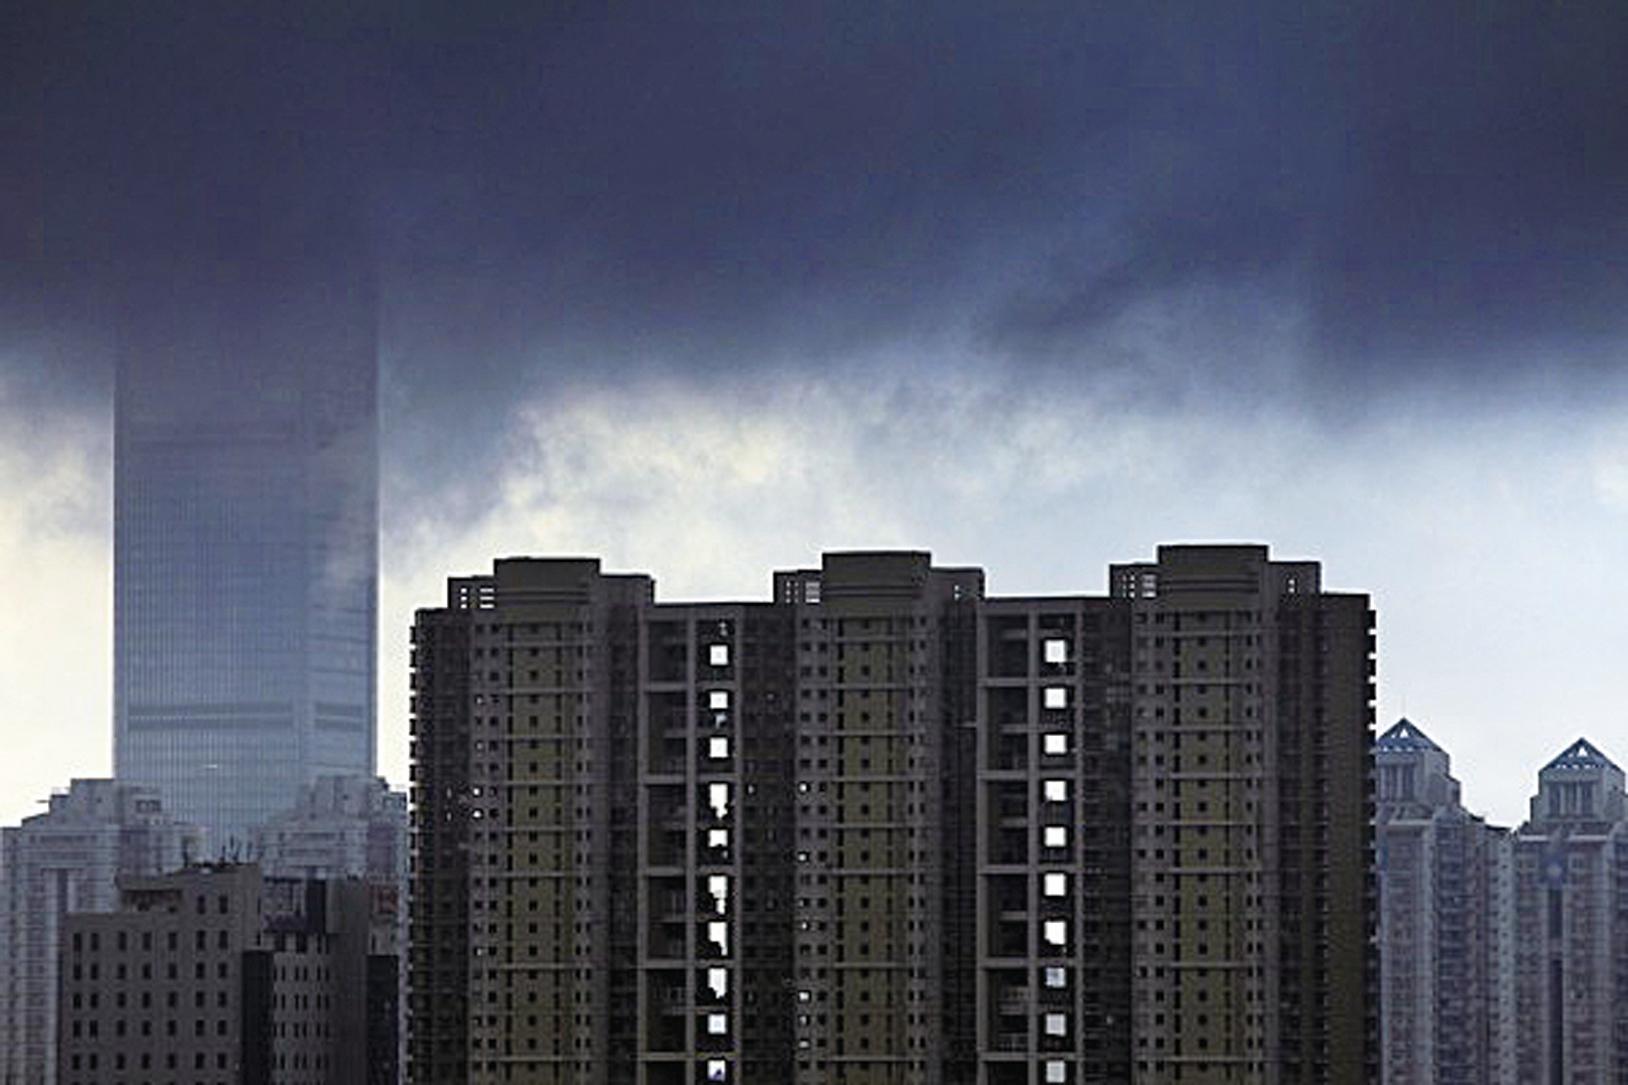 深圳房價驚人,不吃不喝半年工資只夠買1平米。(ChinaFotoPress/ChinaFotoPress via Getty Images)